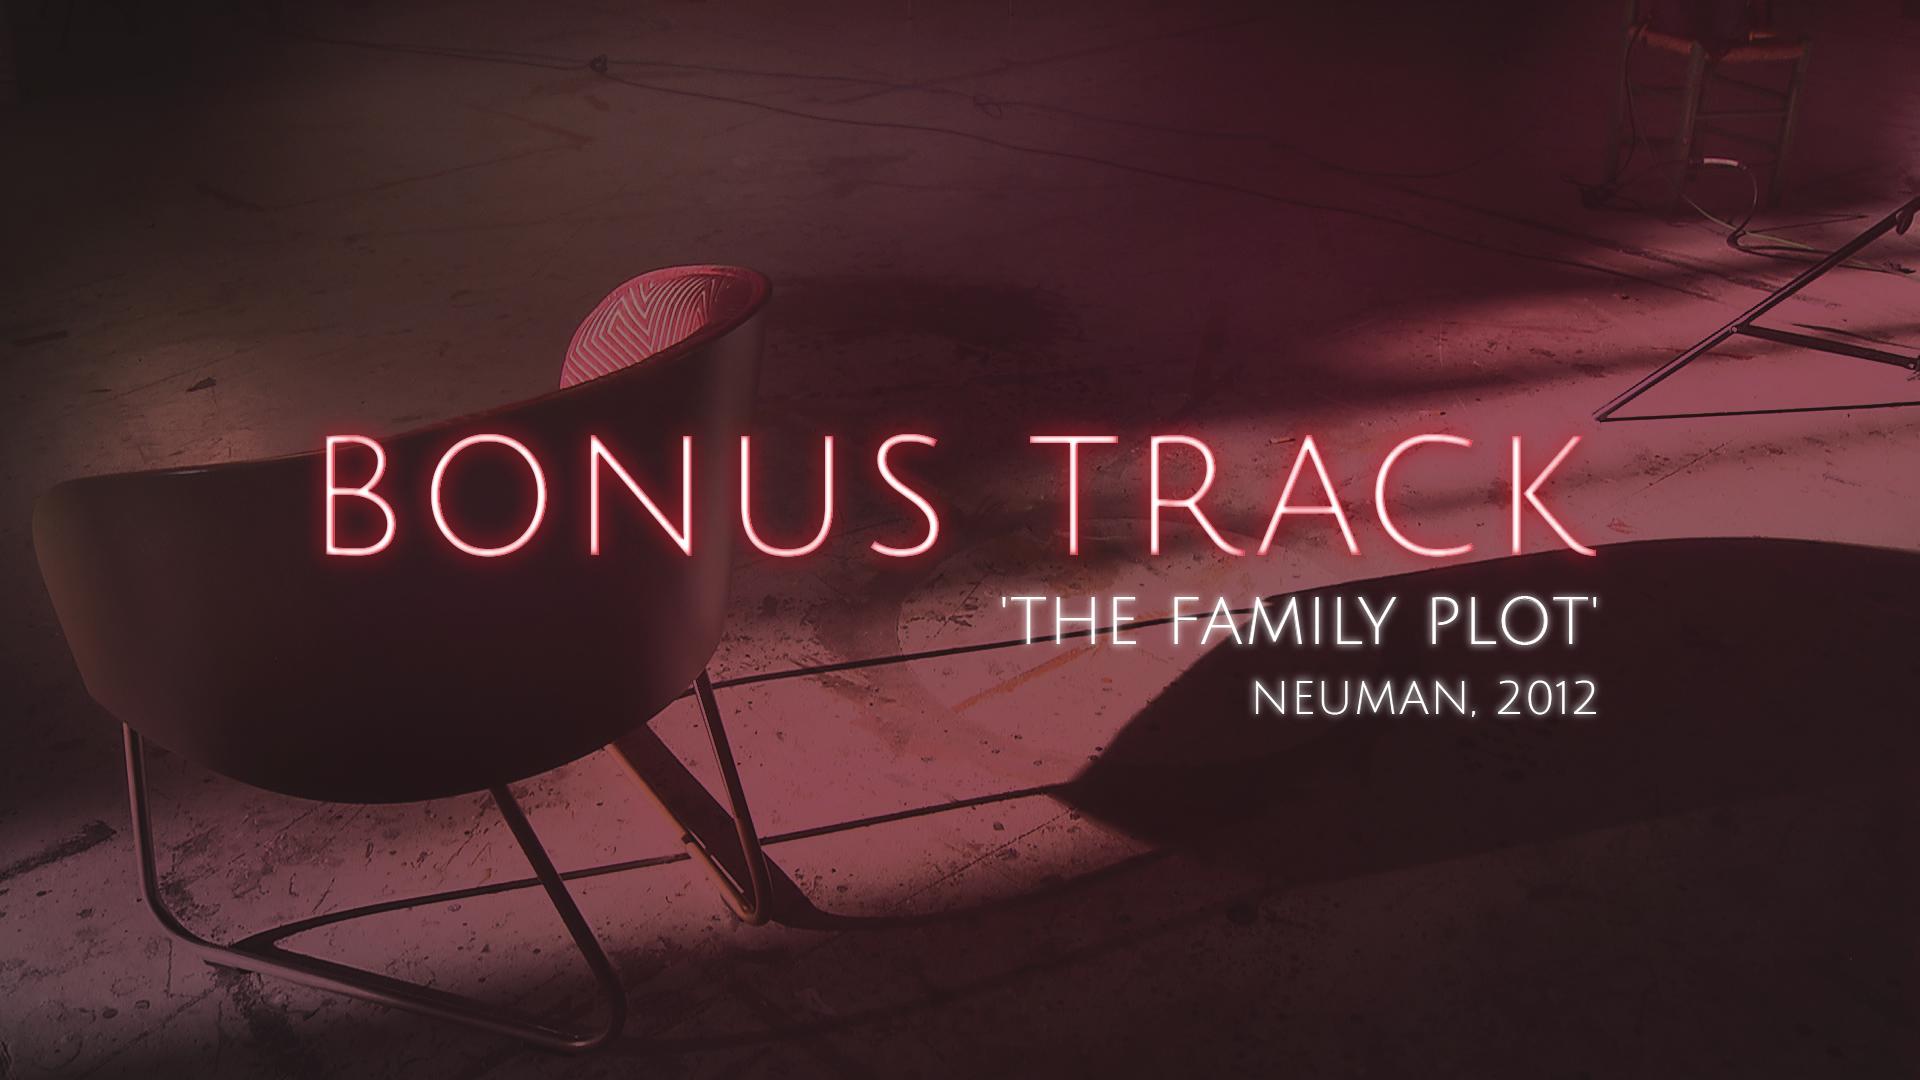 Bonus Track - 'The Family Plot', Neuman (Teaser) - 12/09/17